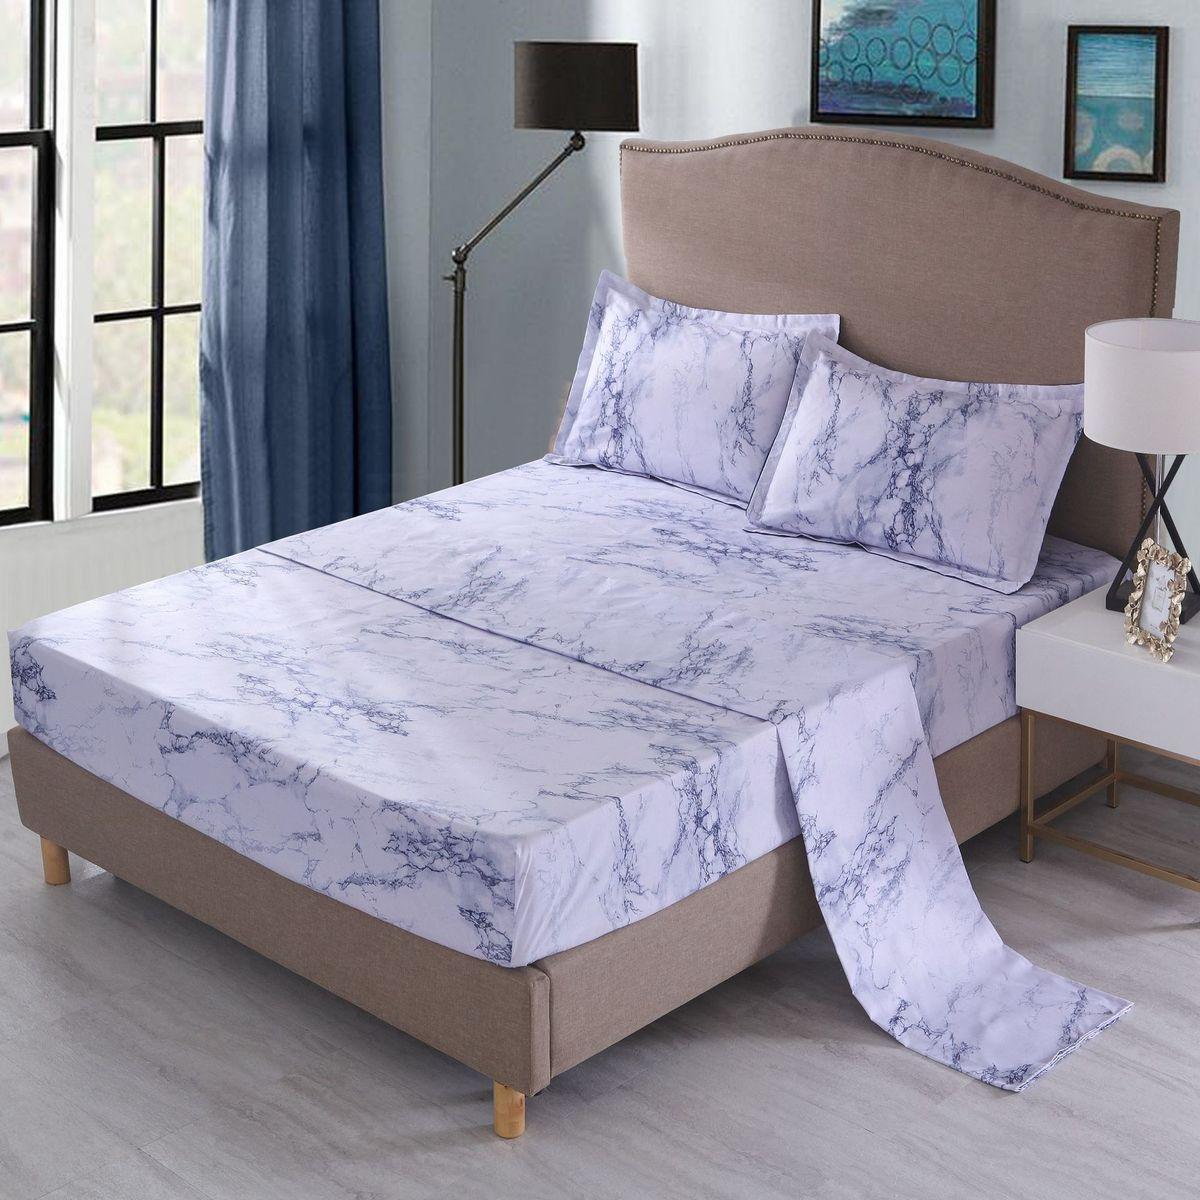 Moderne marbre imprimé drap housse + drap plat + taies d'oreiller 3/4 pièces ensemble de literie pour simple jumeau complet reine lit King